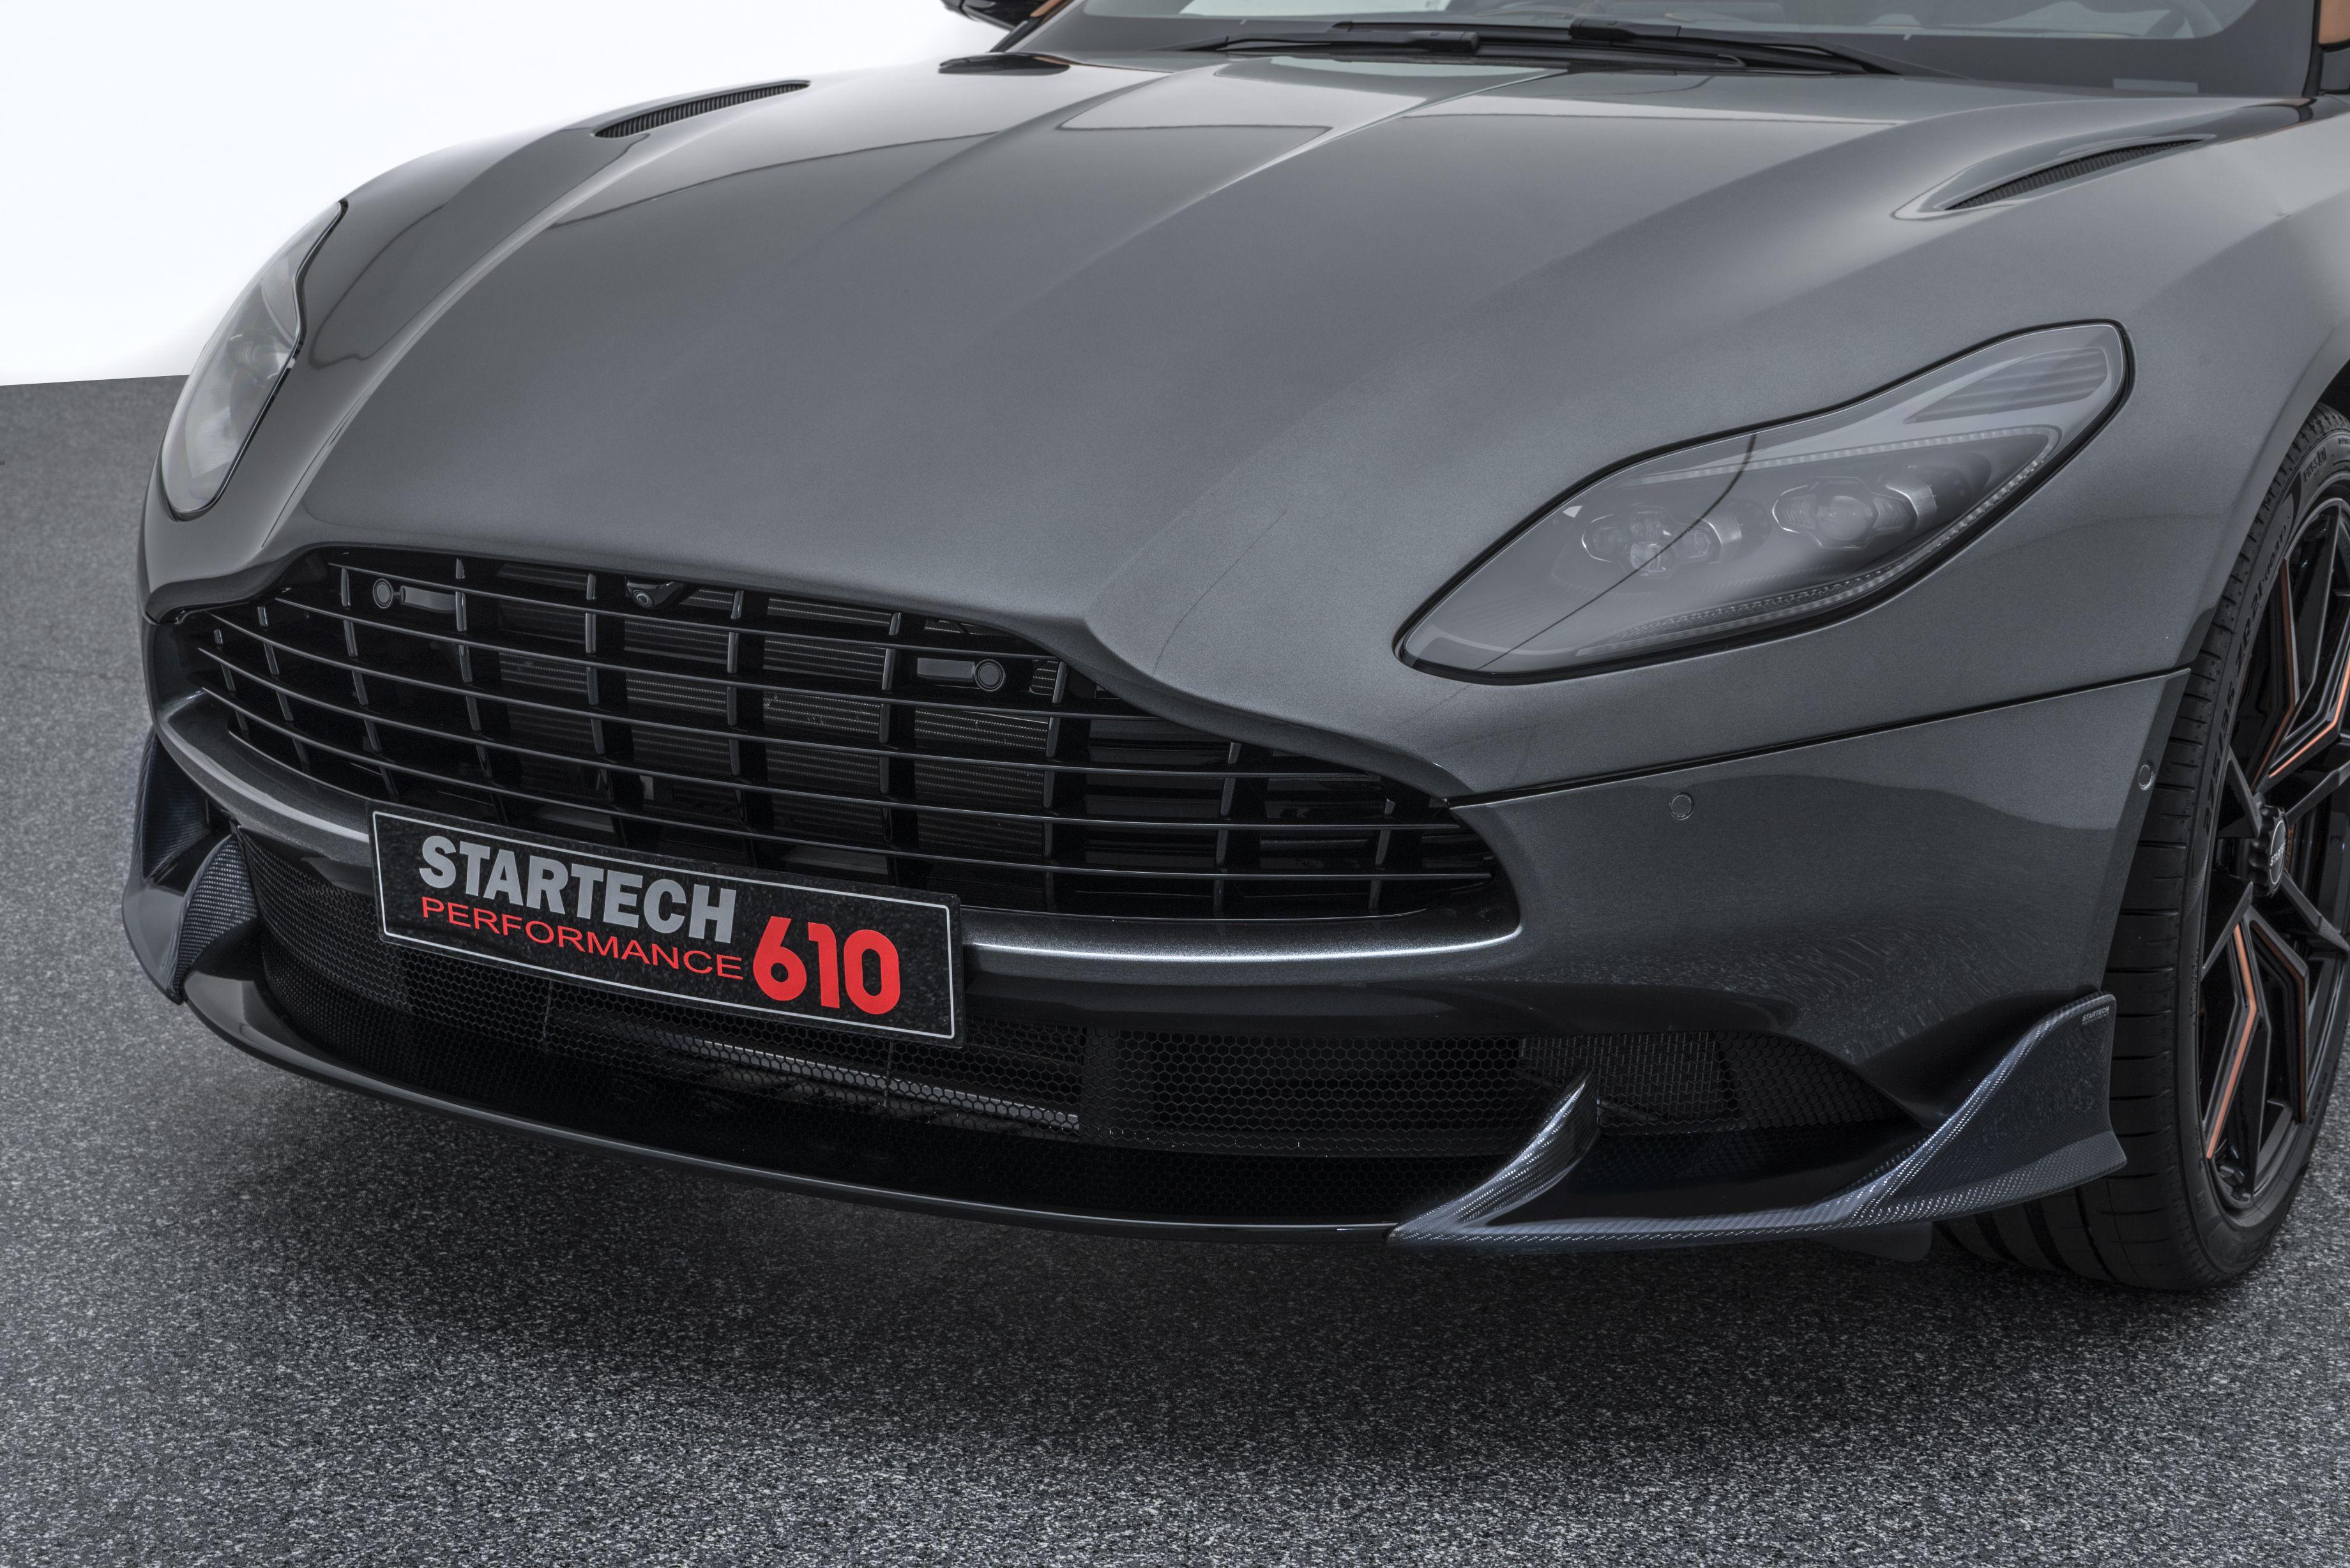 Startech Now Also Refines The Aston Martin Db11 Startech Refinement